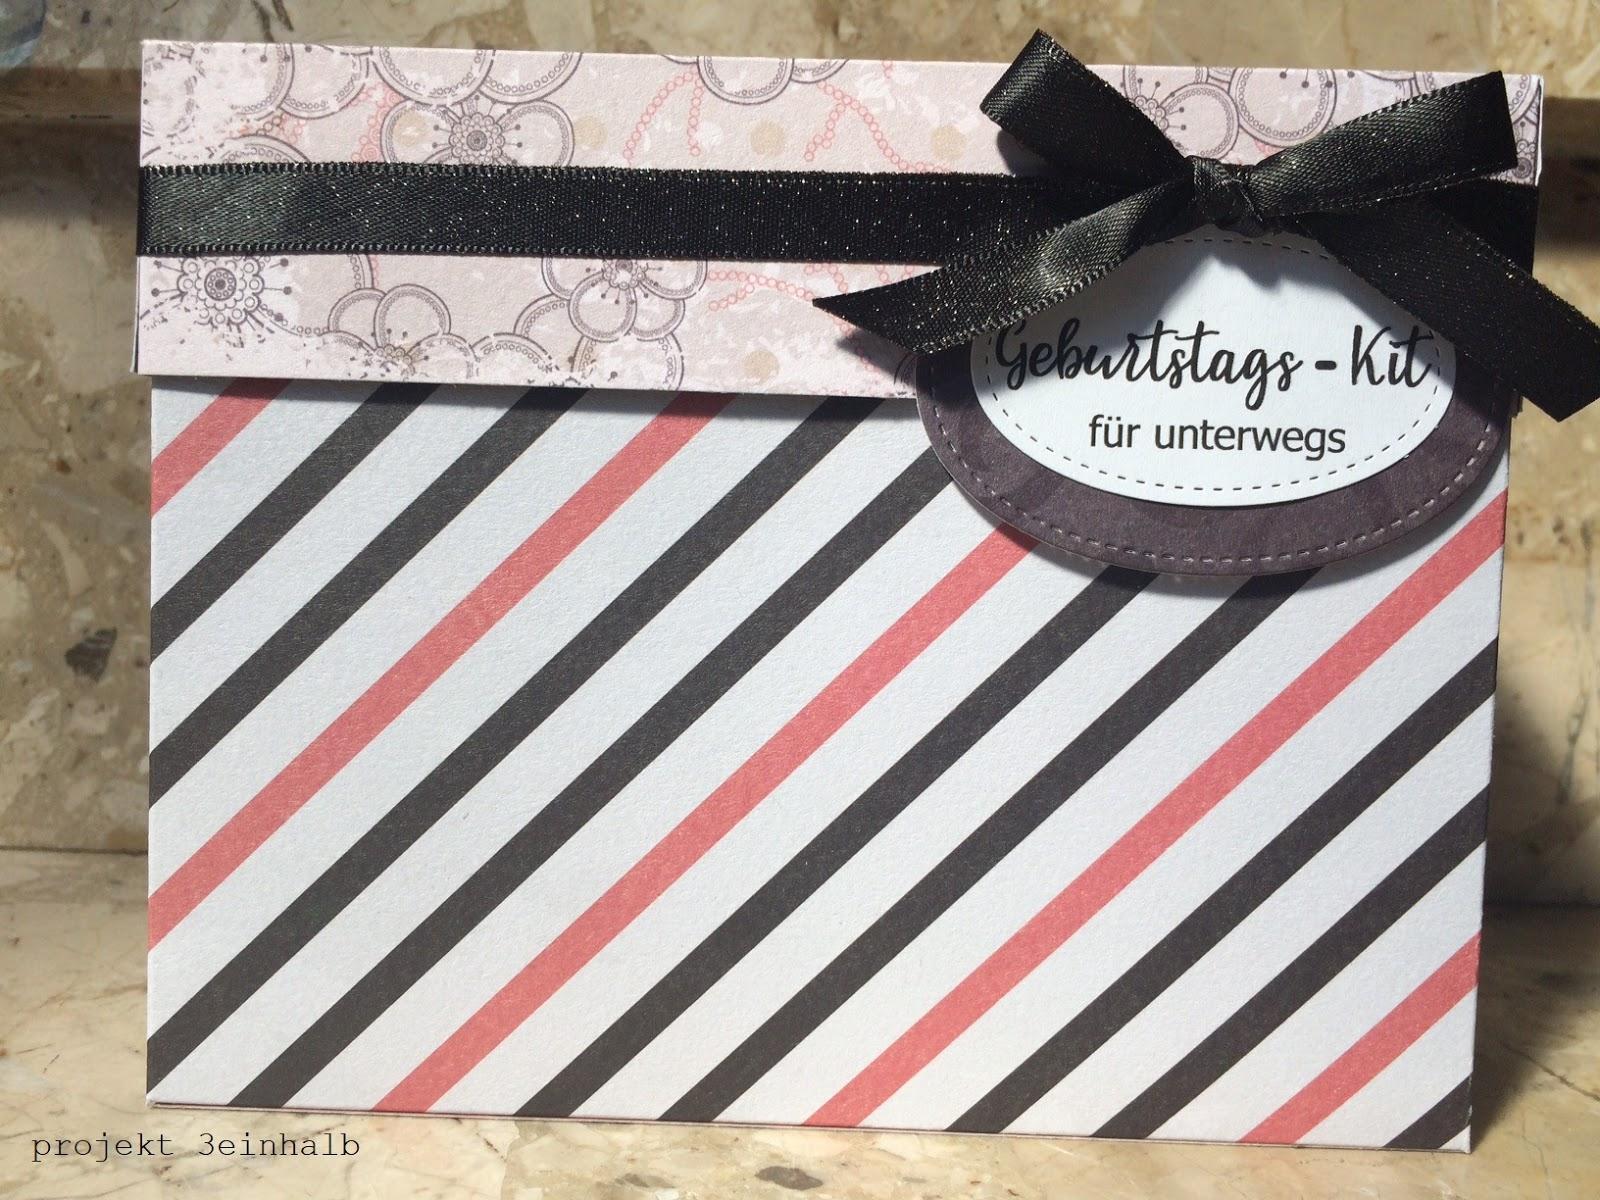 Heute zeige ich euch nämlich auf unserem Teamblog KLICK ein Geburtstags Kit für unterwegs